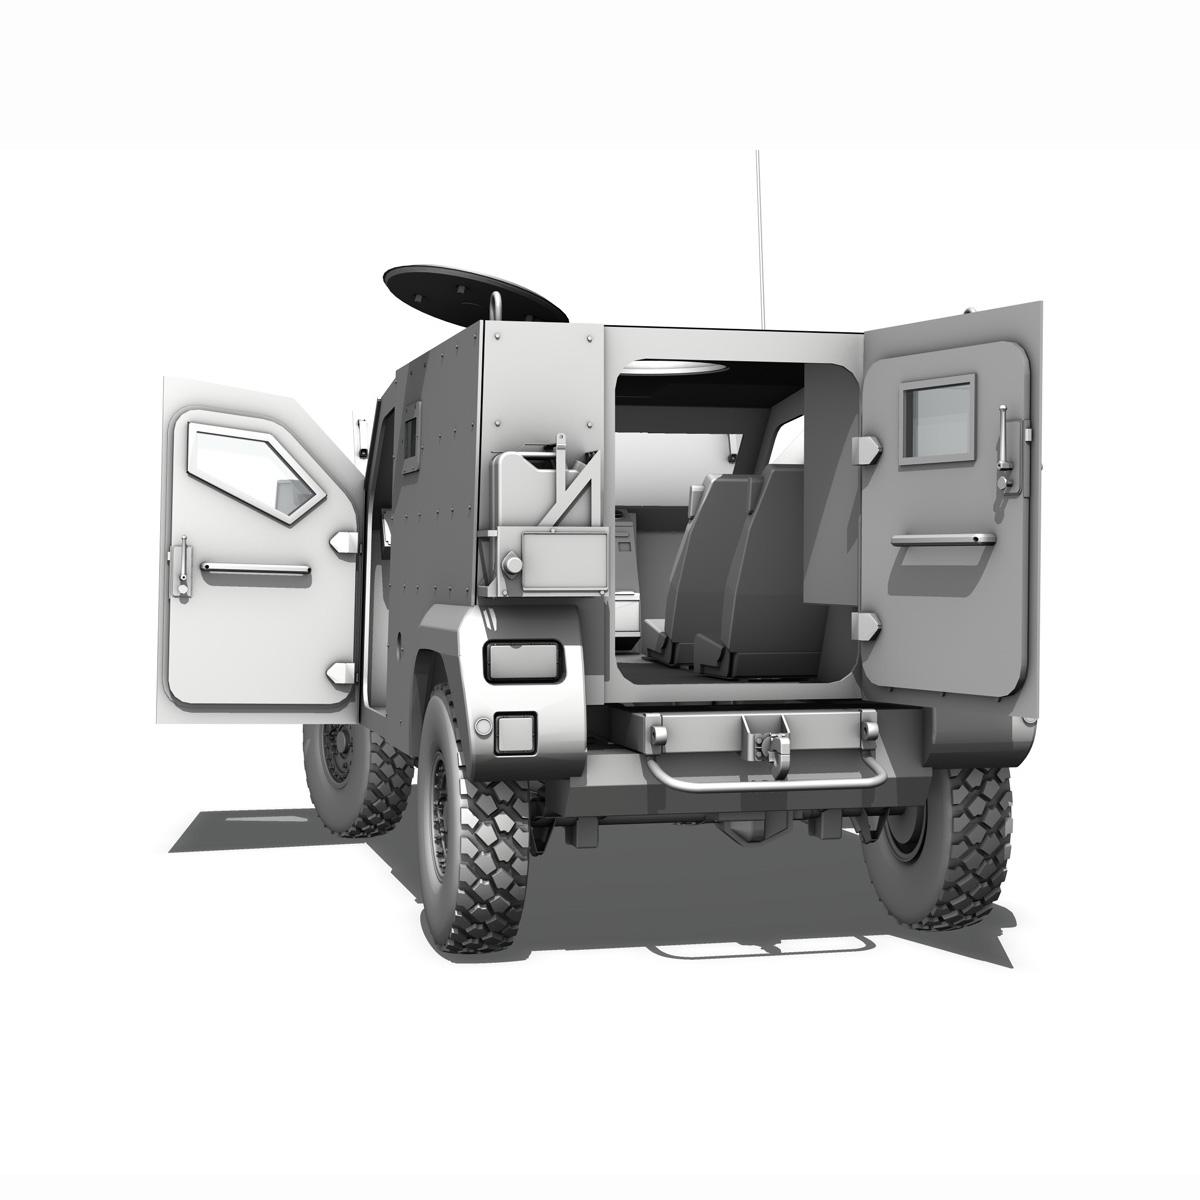 auverland panhard pvp – petit vehicule protege 3d model 3ds fbx c4d lwo obj 190130